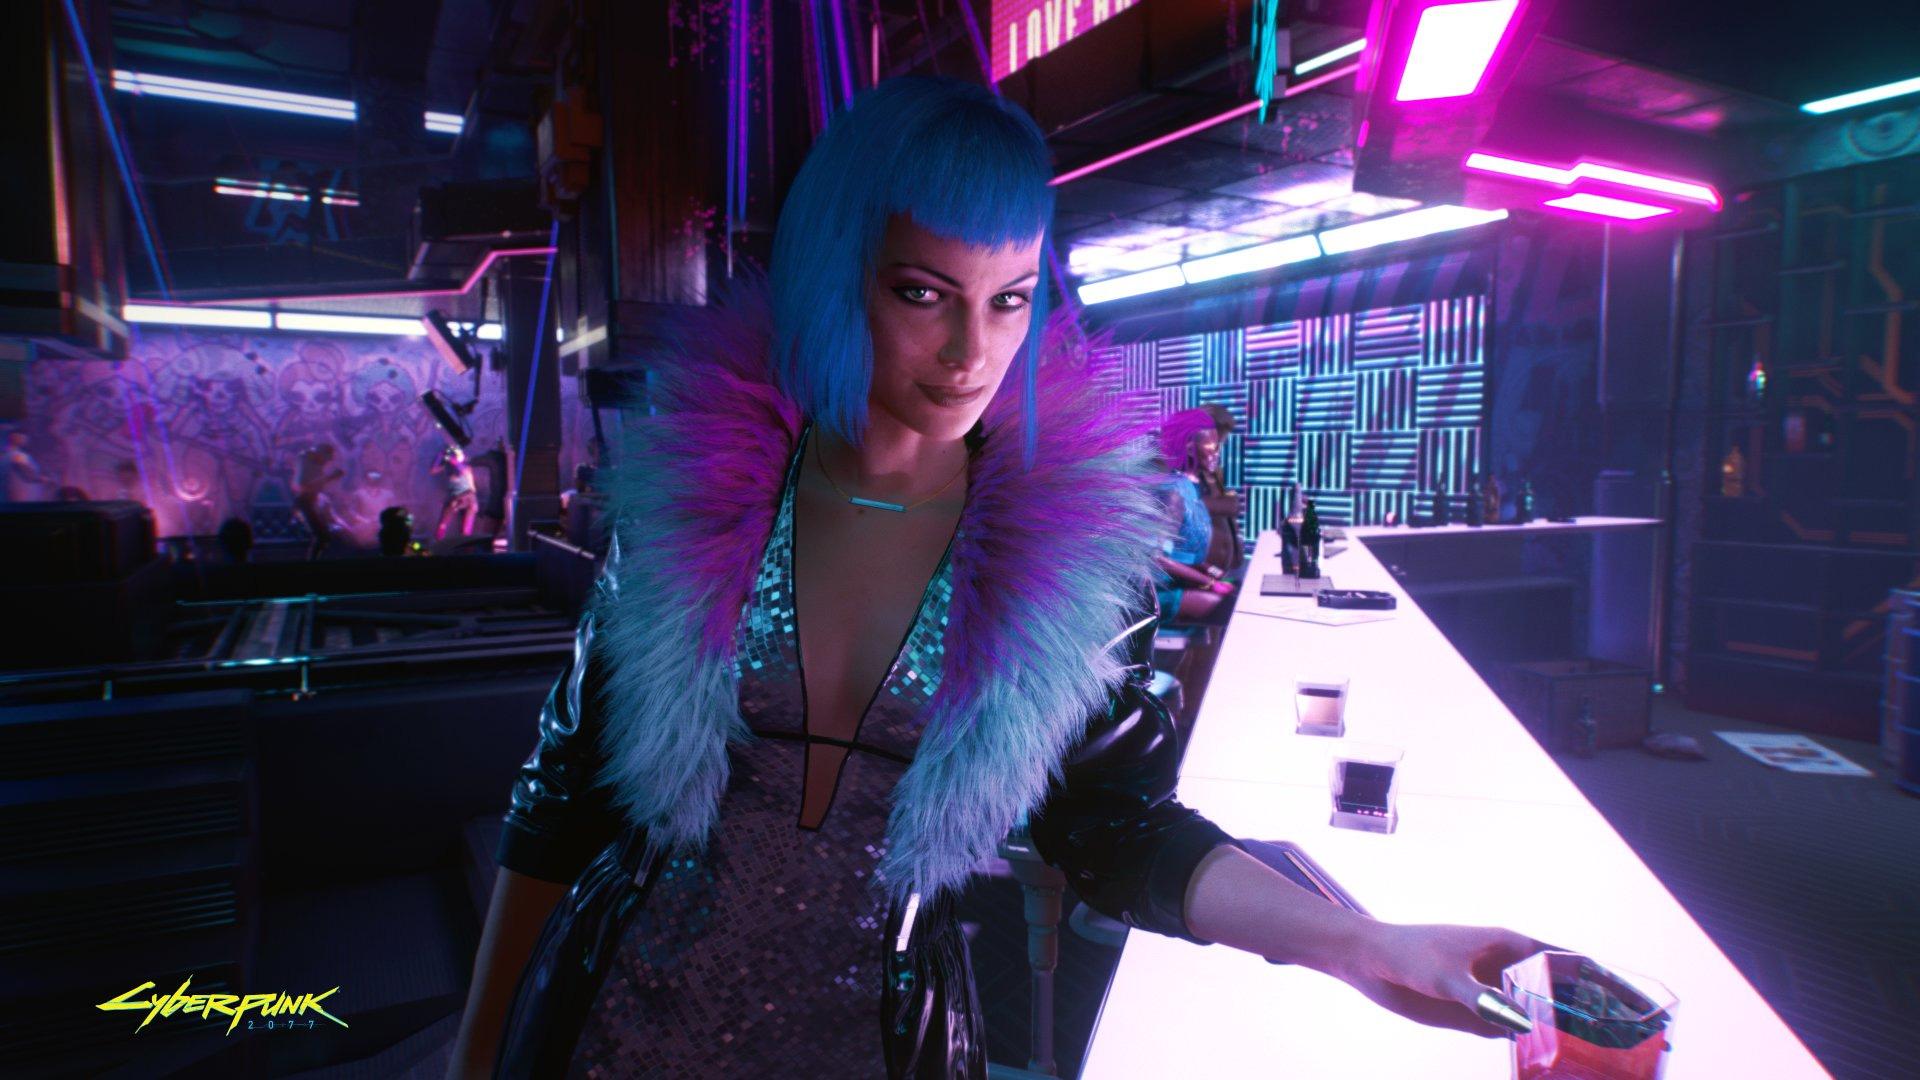 Pouvez-vous sauver Evelyn Parker dans Cyberpunk 2077?